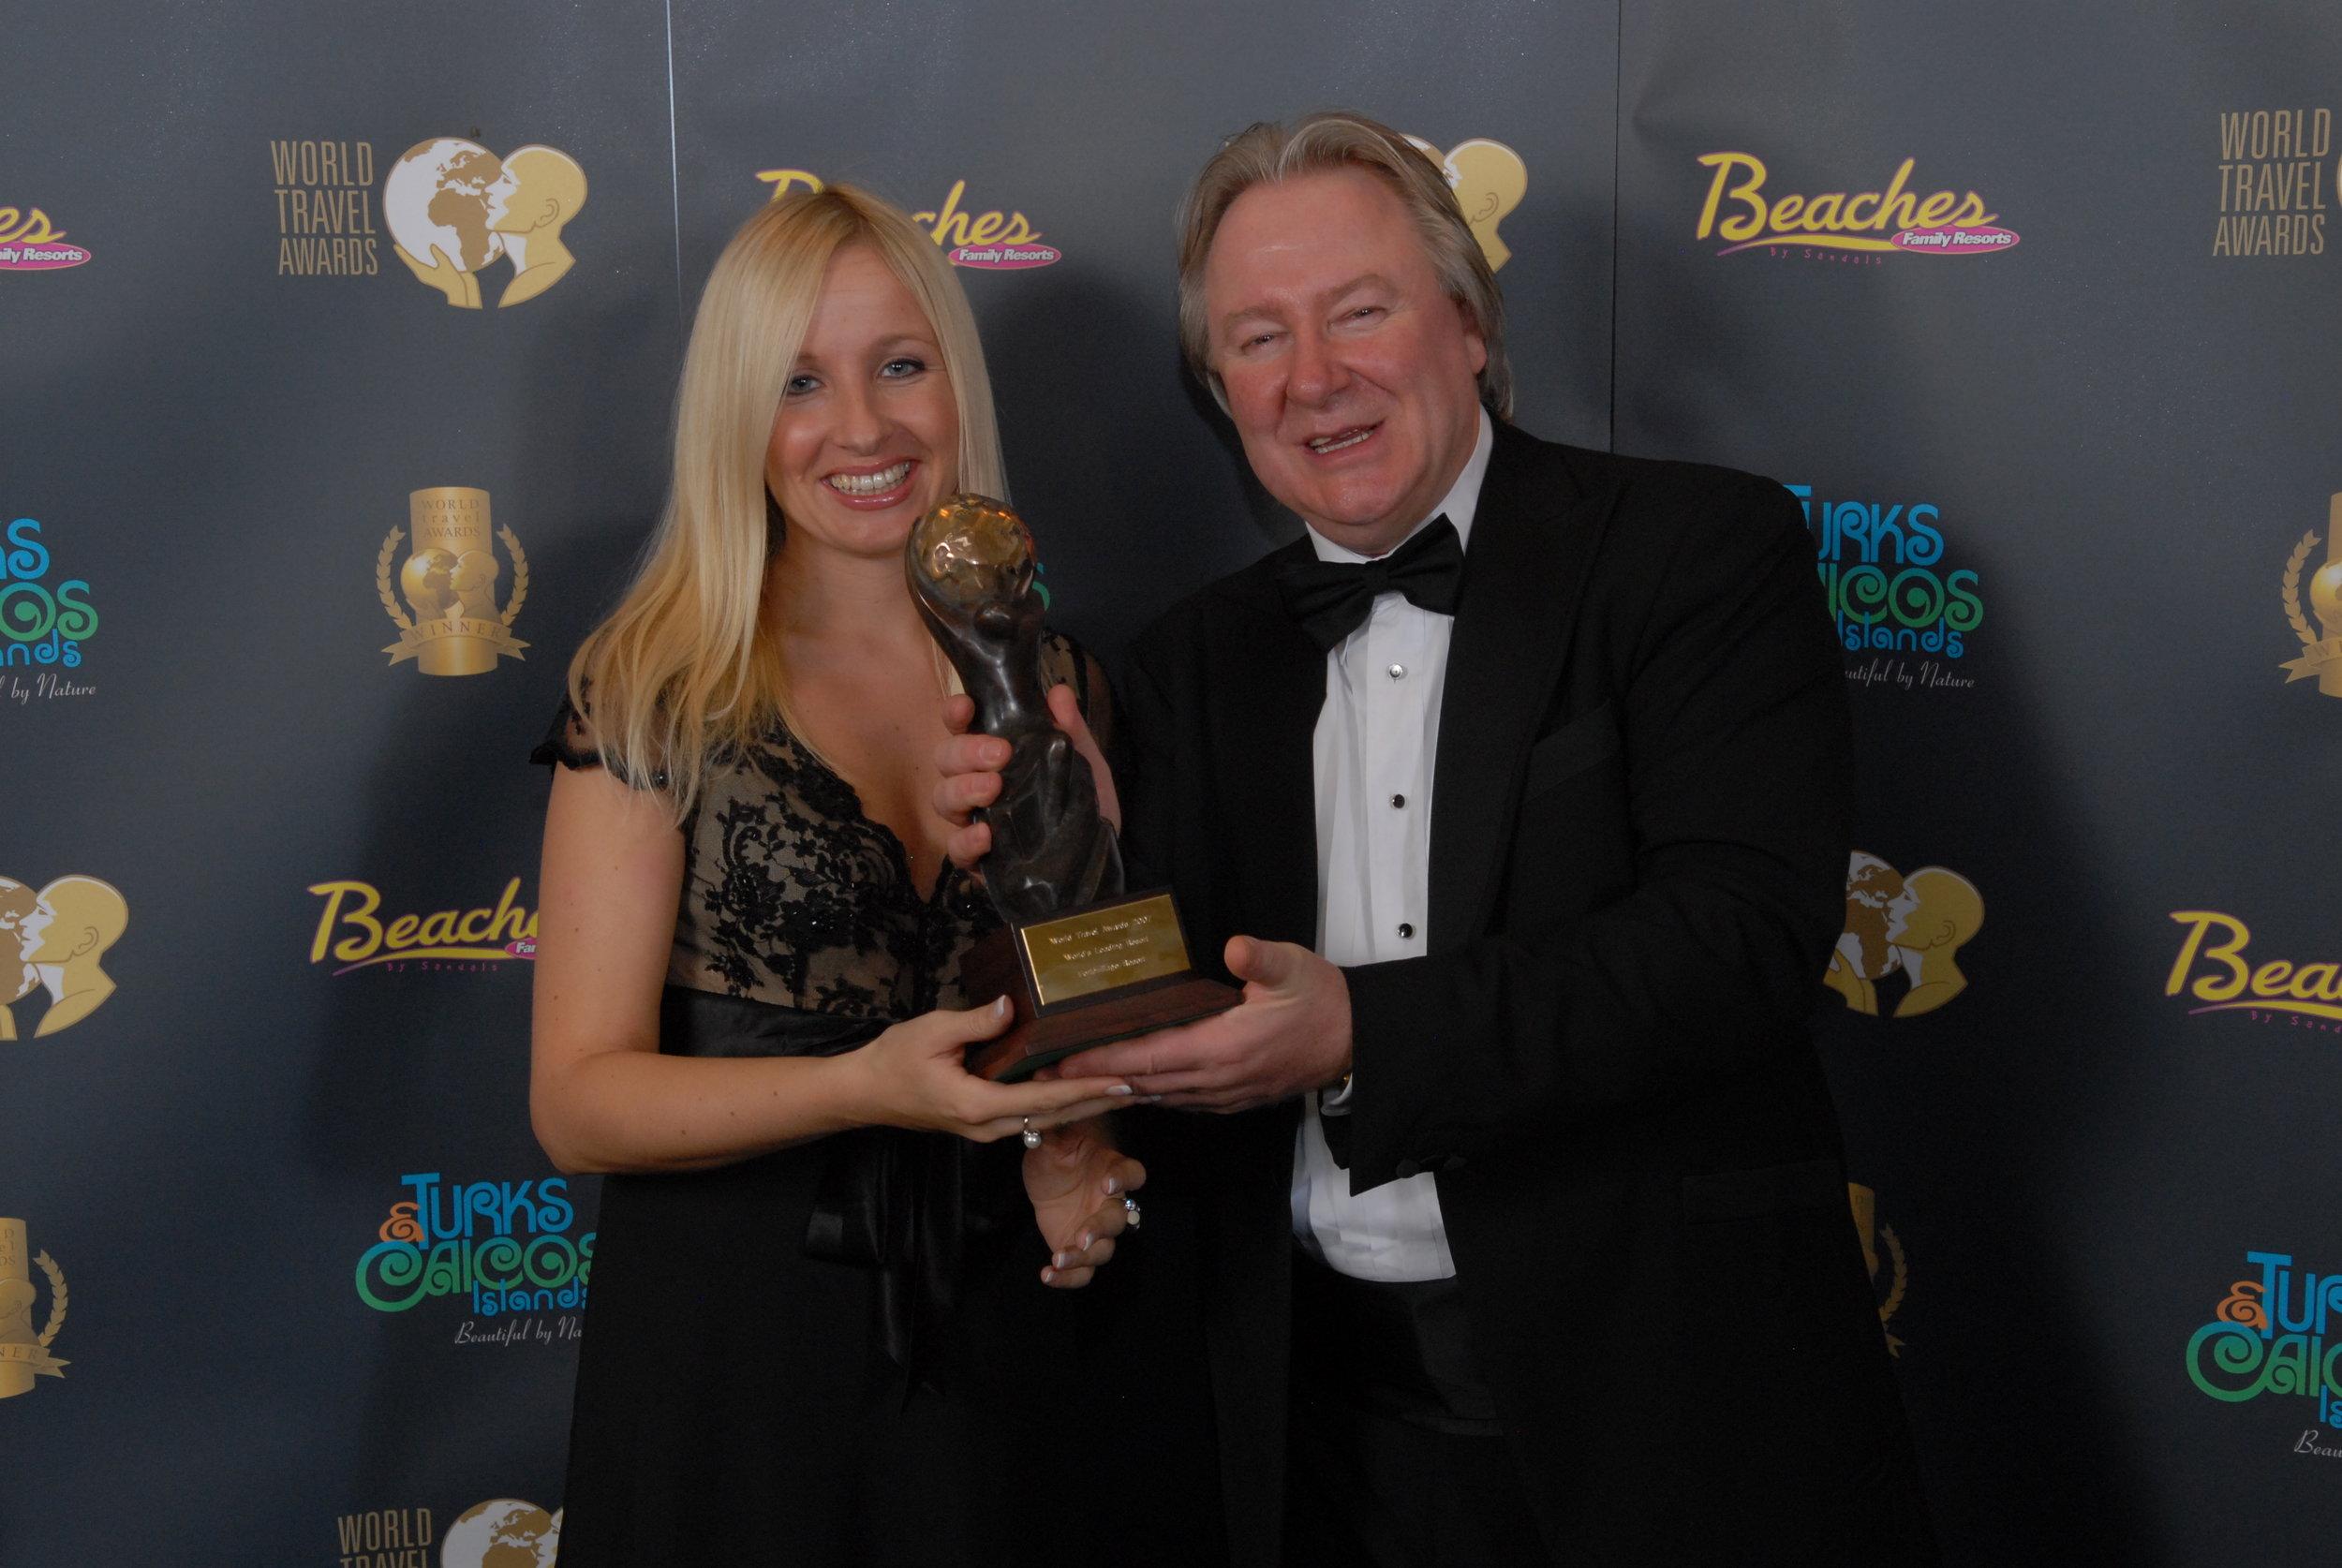 Daniela Steimel at World Travel Awards